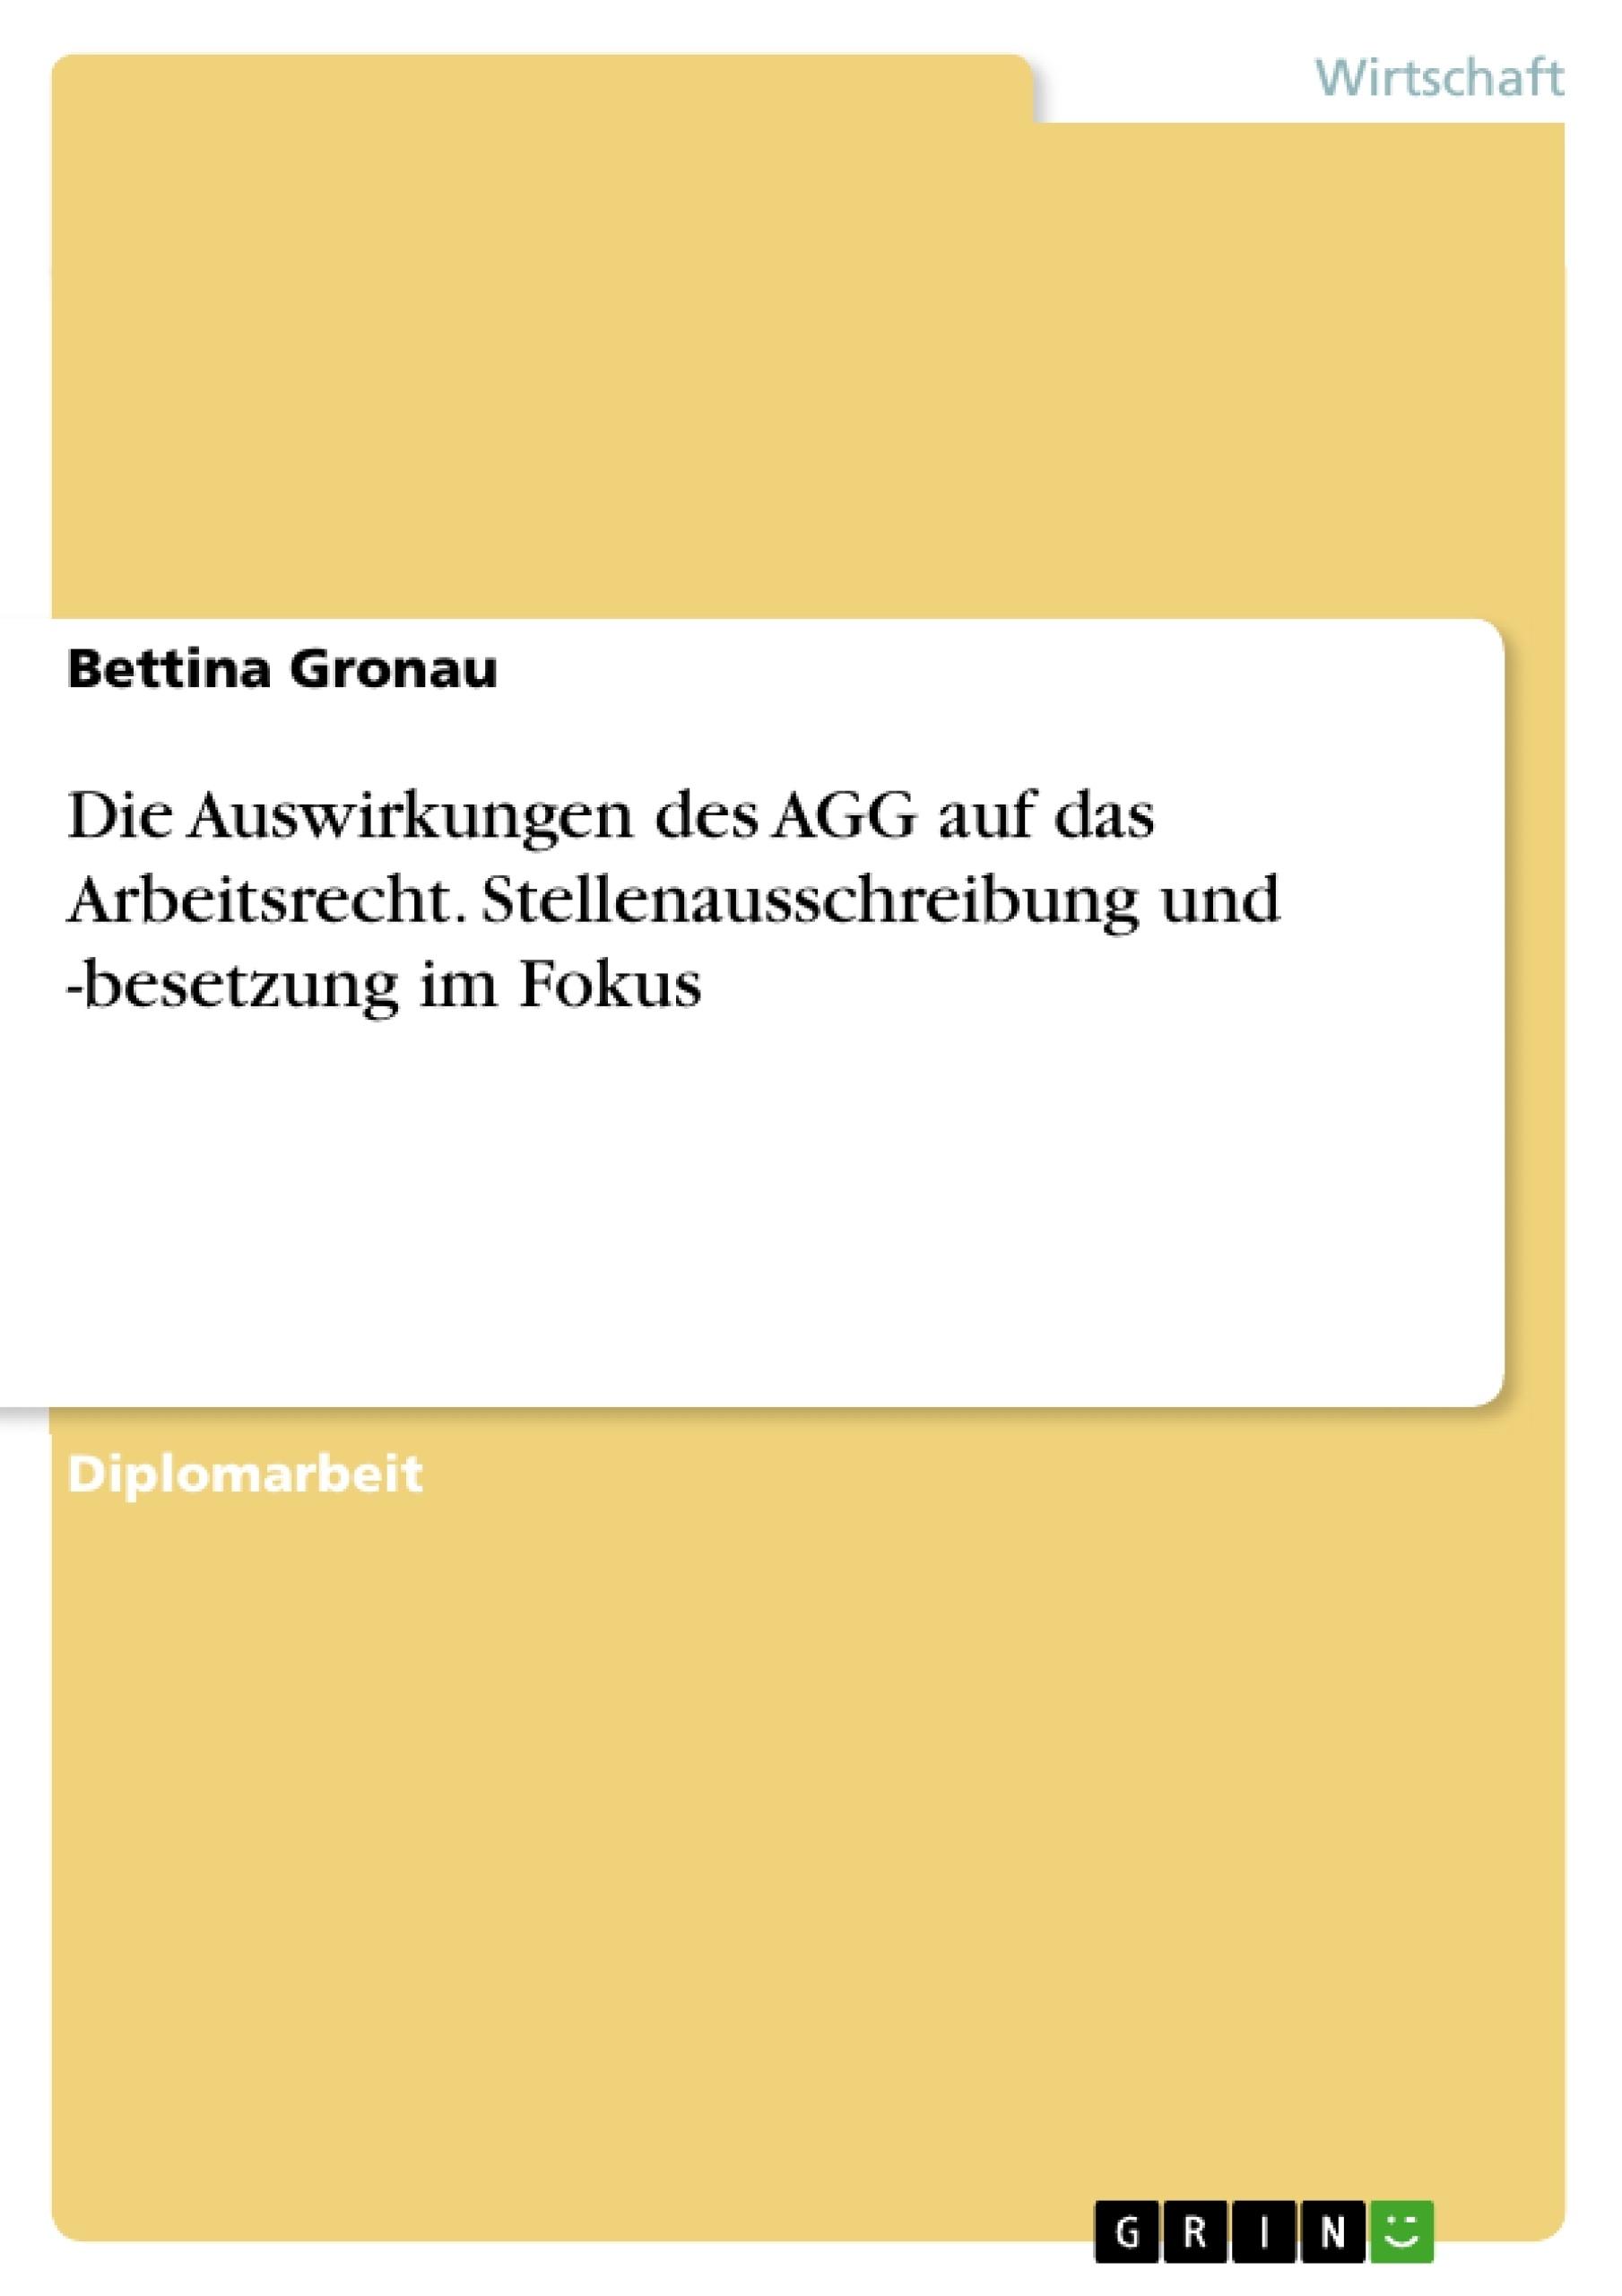 Titel: Die Auswirkungen des AGG auf das Arbeitsrecht. Stellenausschreibung und -besetzung im Fokus